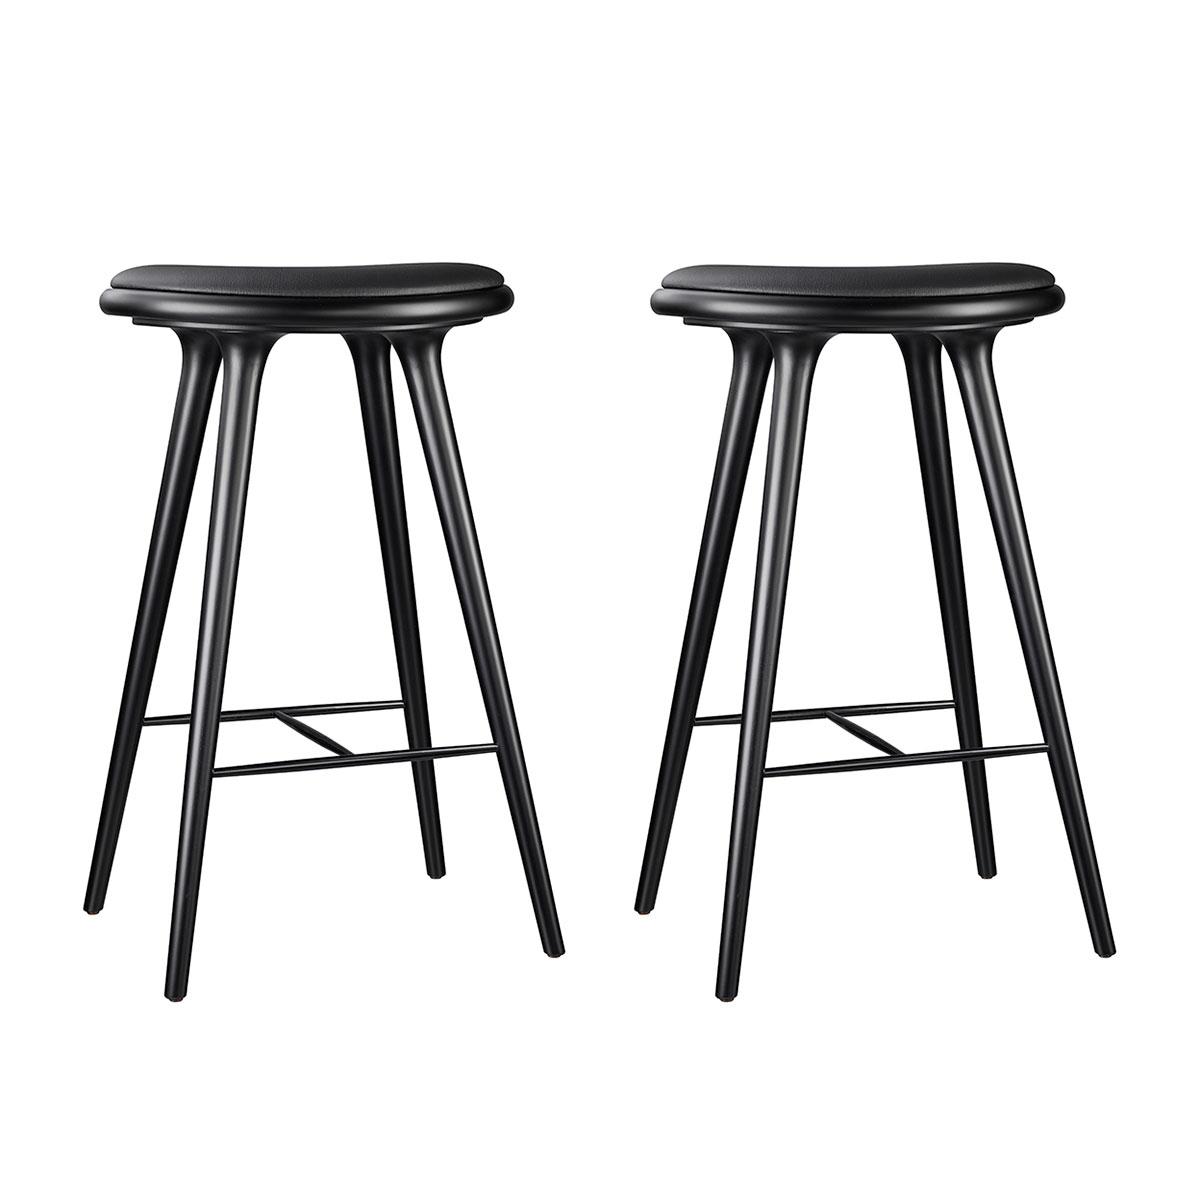 Image of   Mater barstole - Sortbejdset bøg/sort læder - 2 . stk